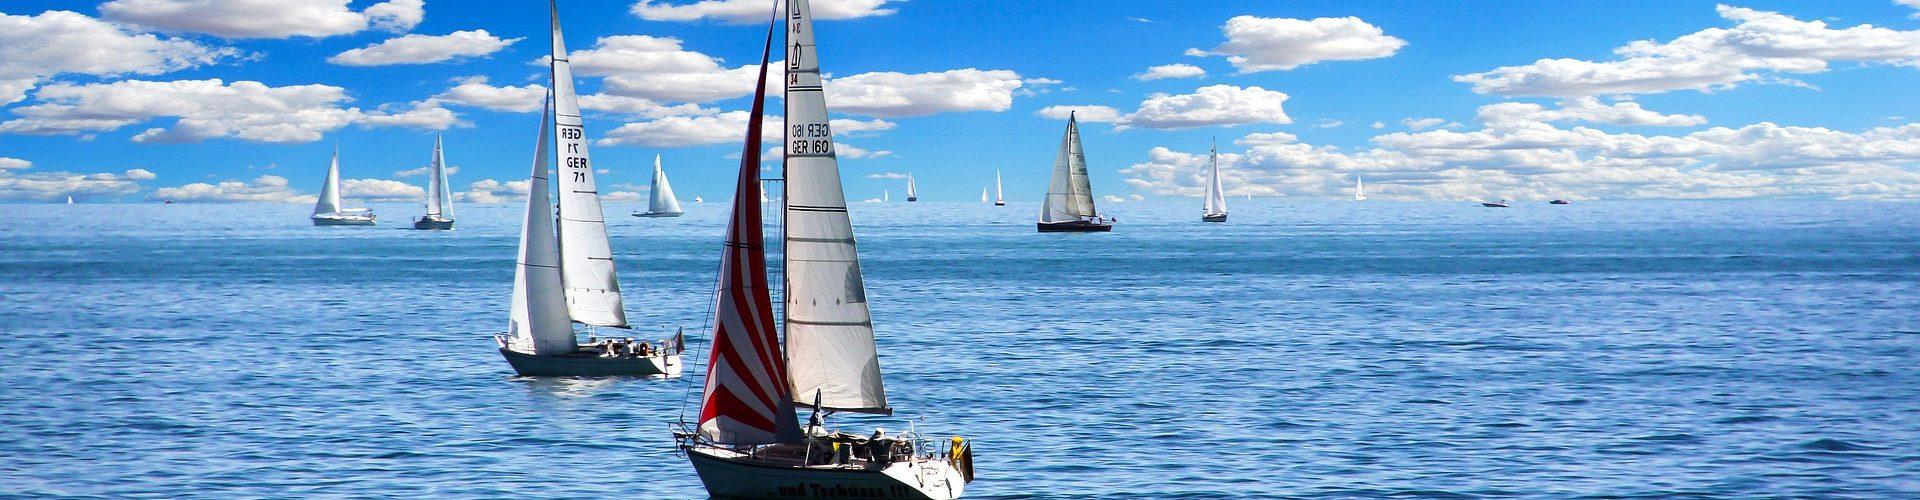 segeln lernen in Waldkirchen segelschein machen in Waldkirchen 1920x500 - Segeln lernen in Waldkirchen